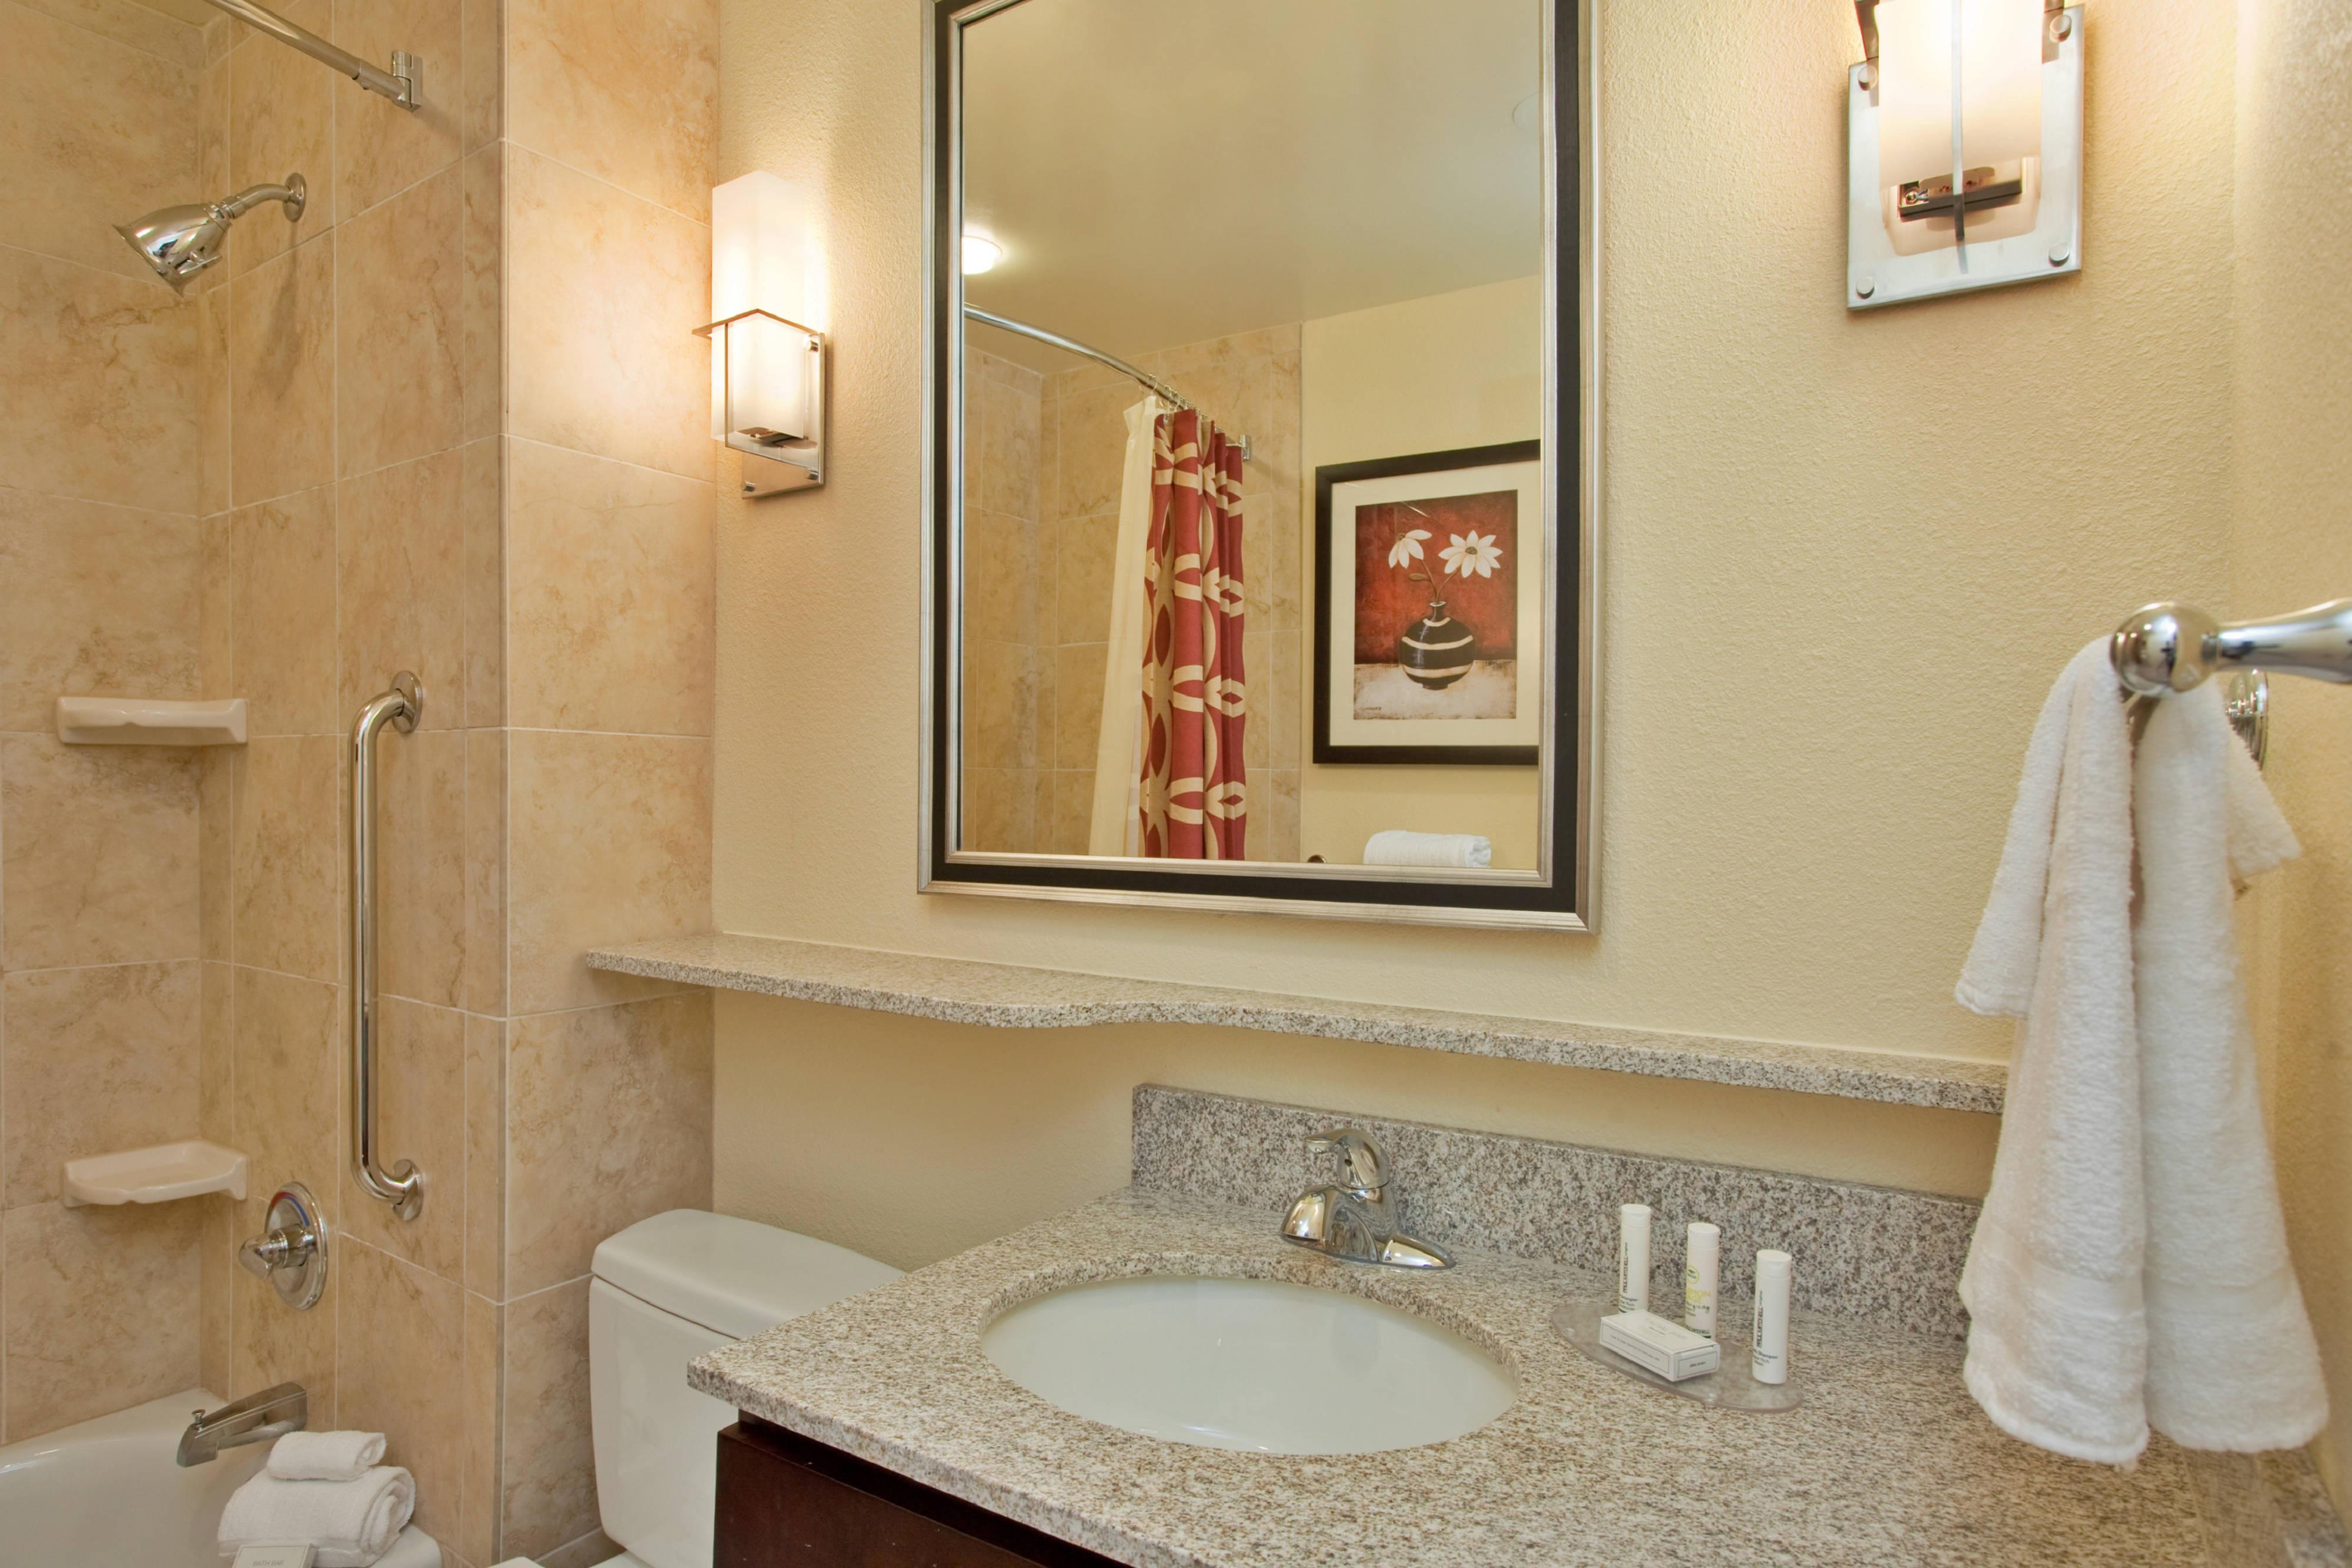 Midland hotel guest bathroom